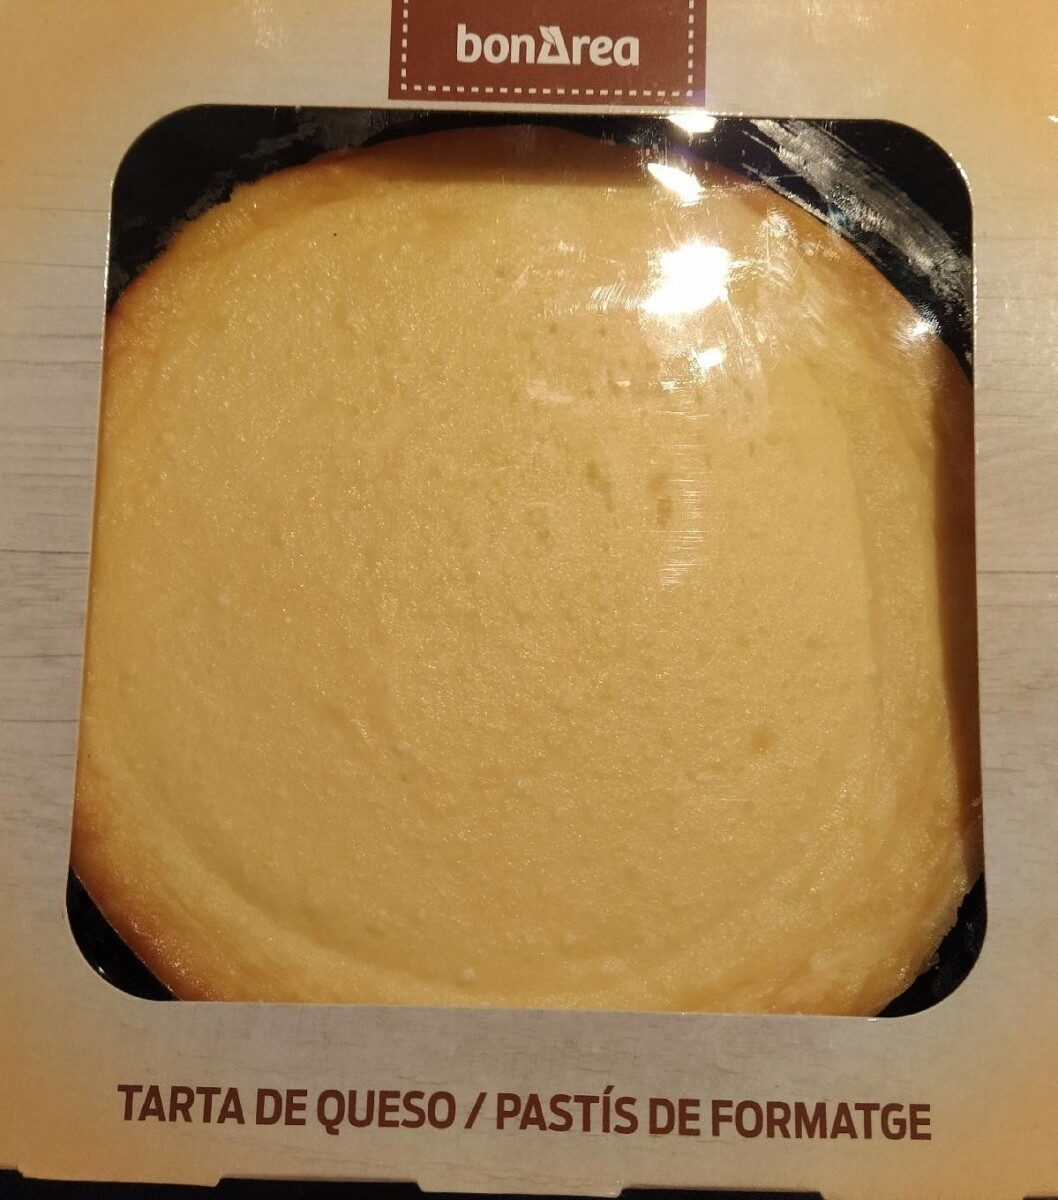 Tarta de queso - Producte - es